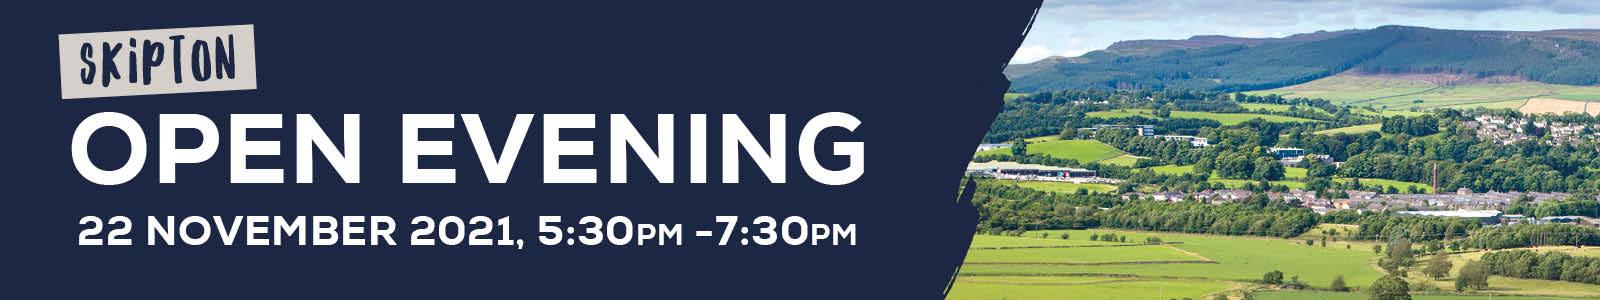 Open Evening – Skipton 96027